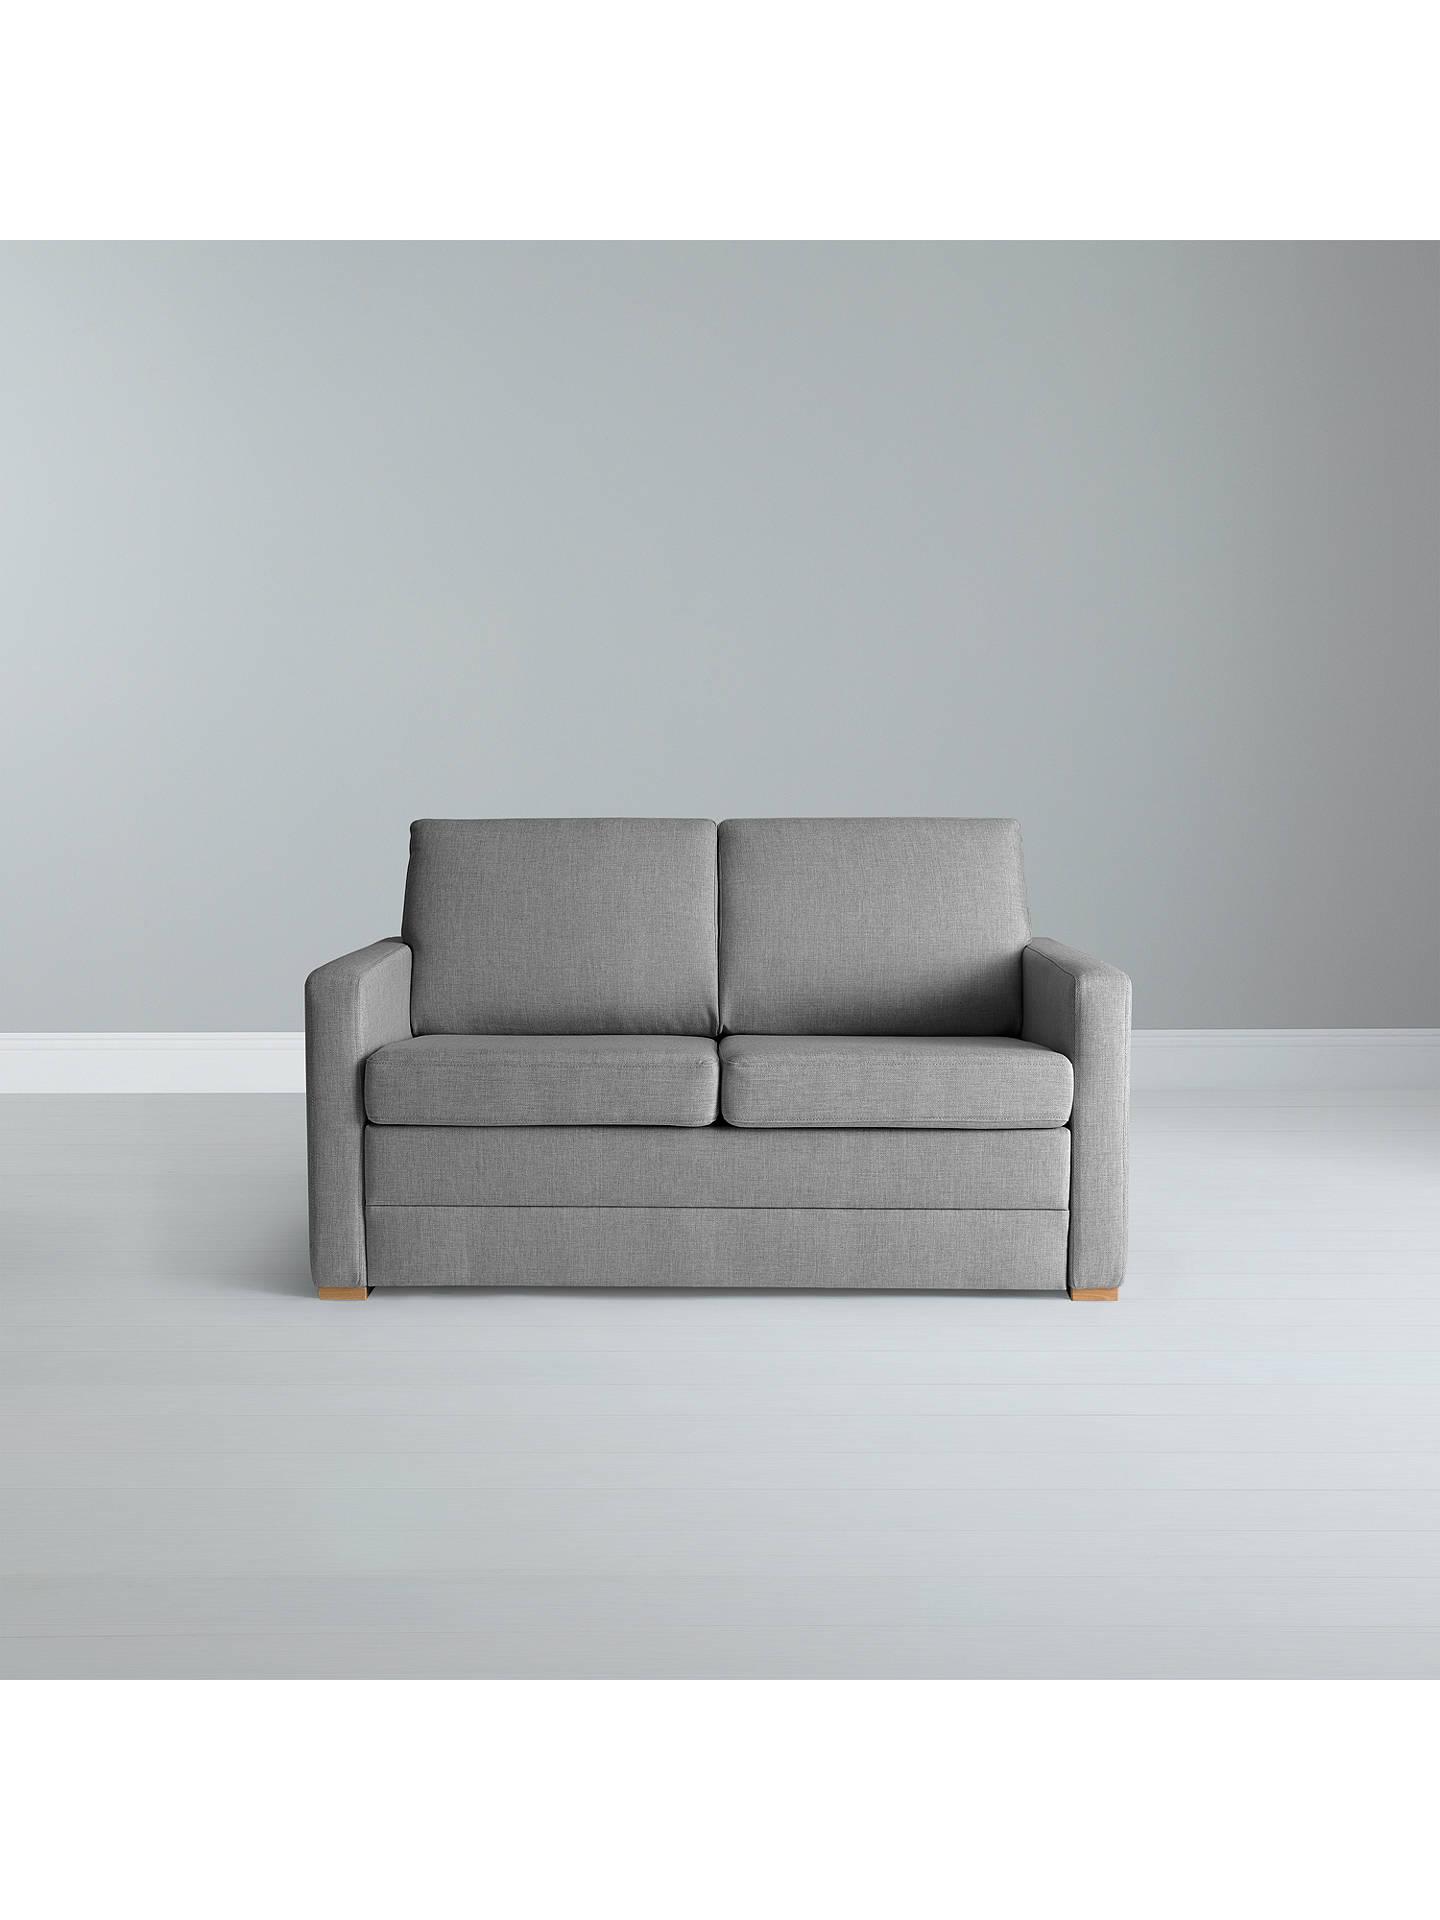 John Lewis Amp Partners Siesta Small Sofa Bed At John Lewis